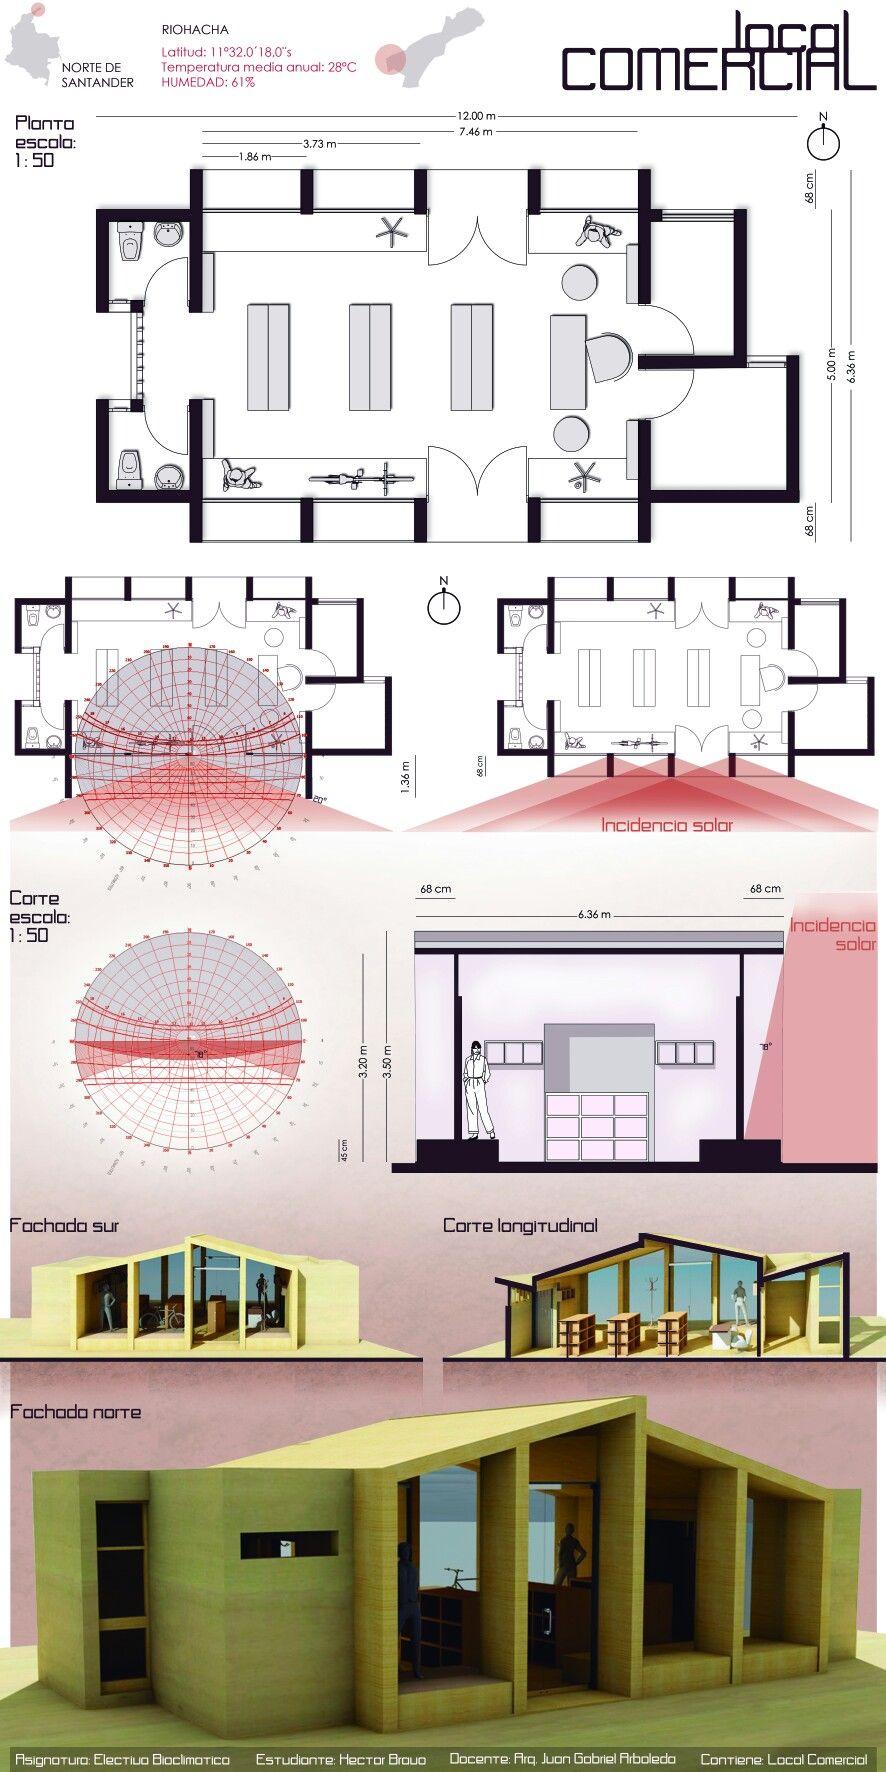 Arquitectura bioclimatica local comercial riohacha for Local arquitectura